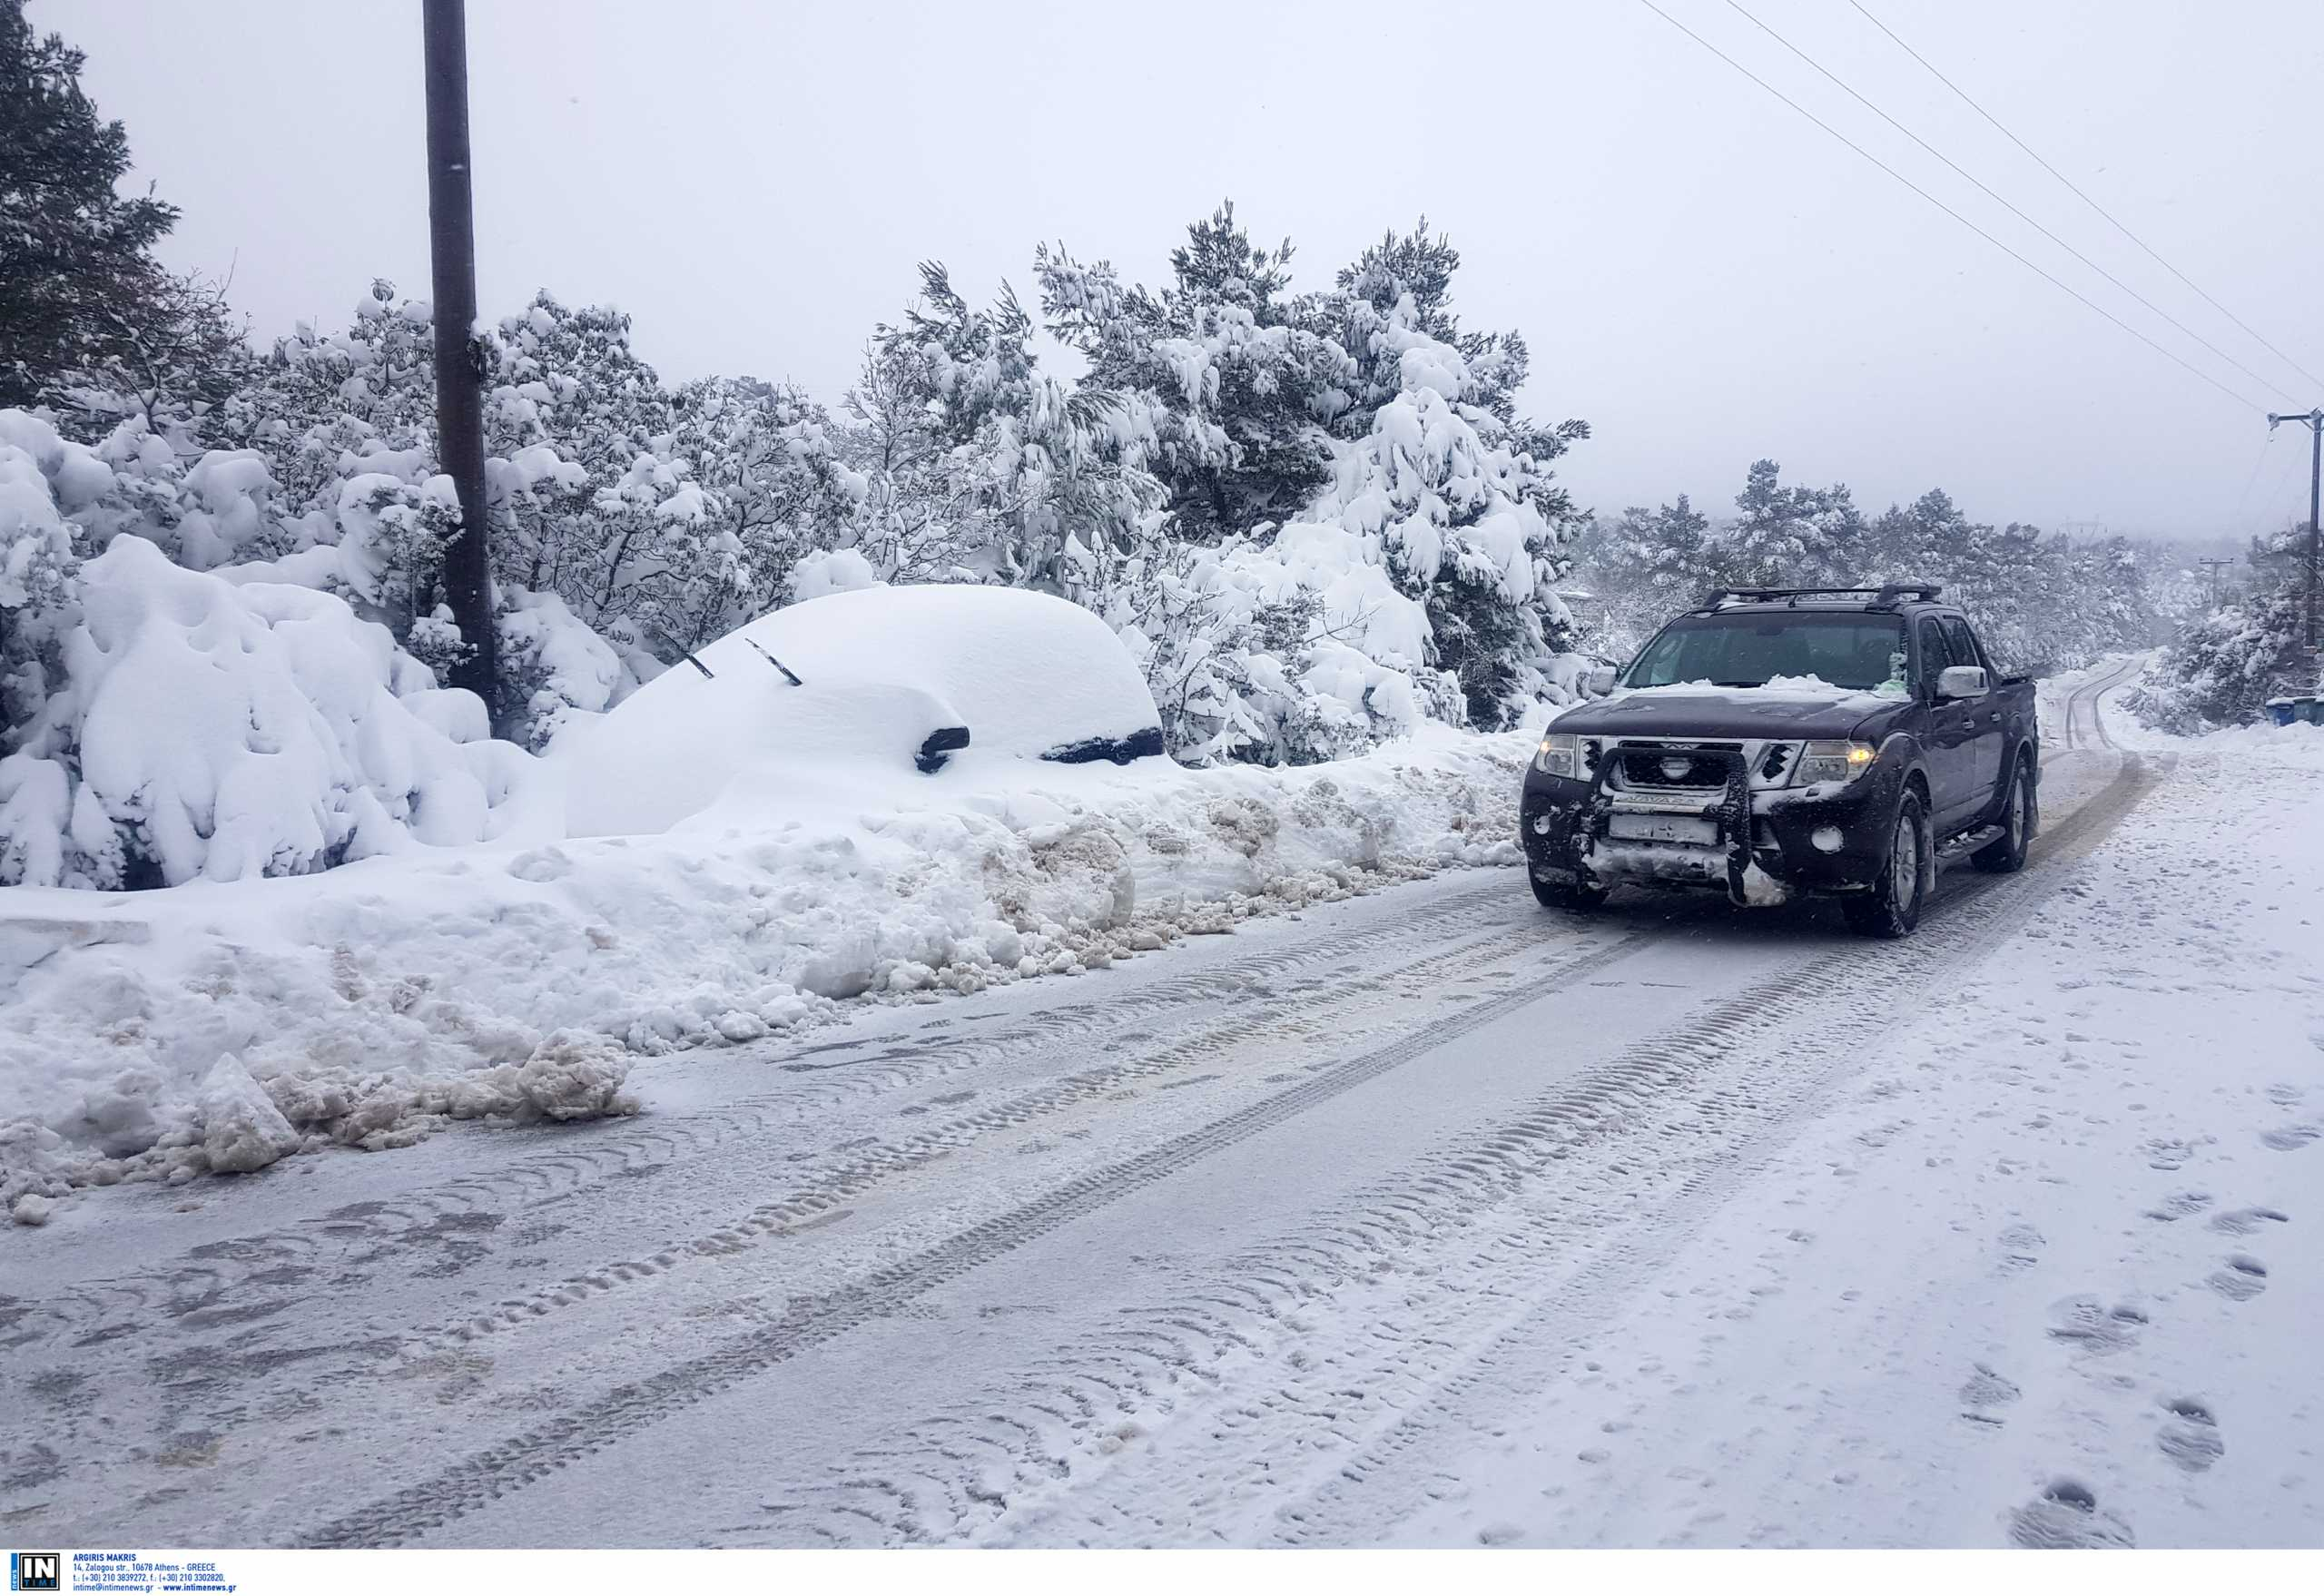 Καιρός – Κακοκαιρία Μήδεια: Ποιοι δρόμοι είναι κλειστοί λόγω χιονιού